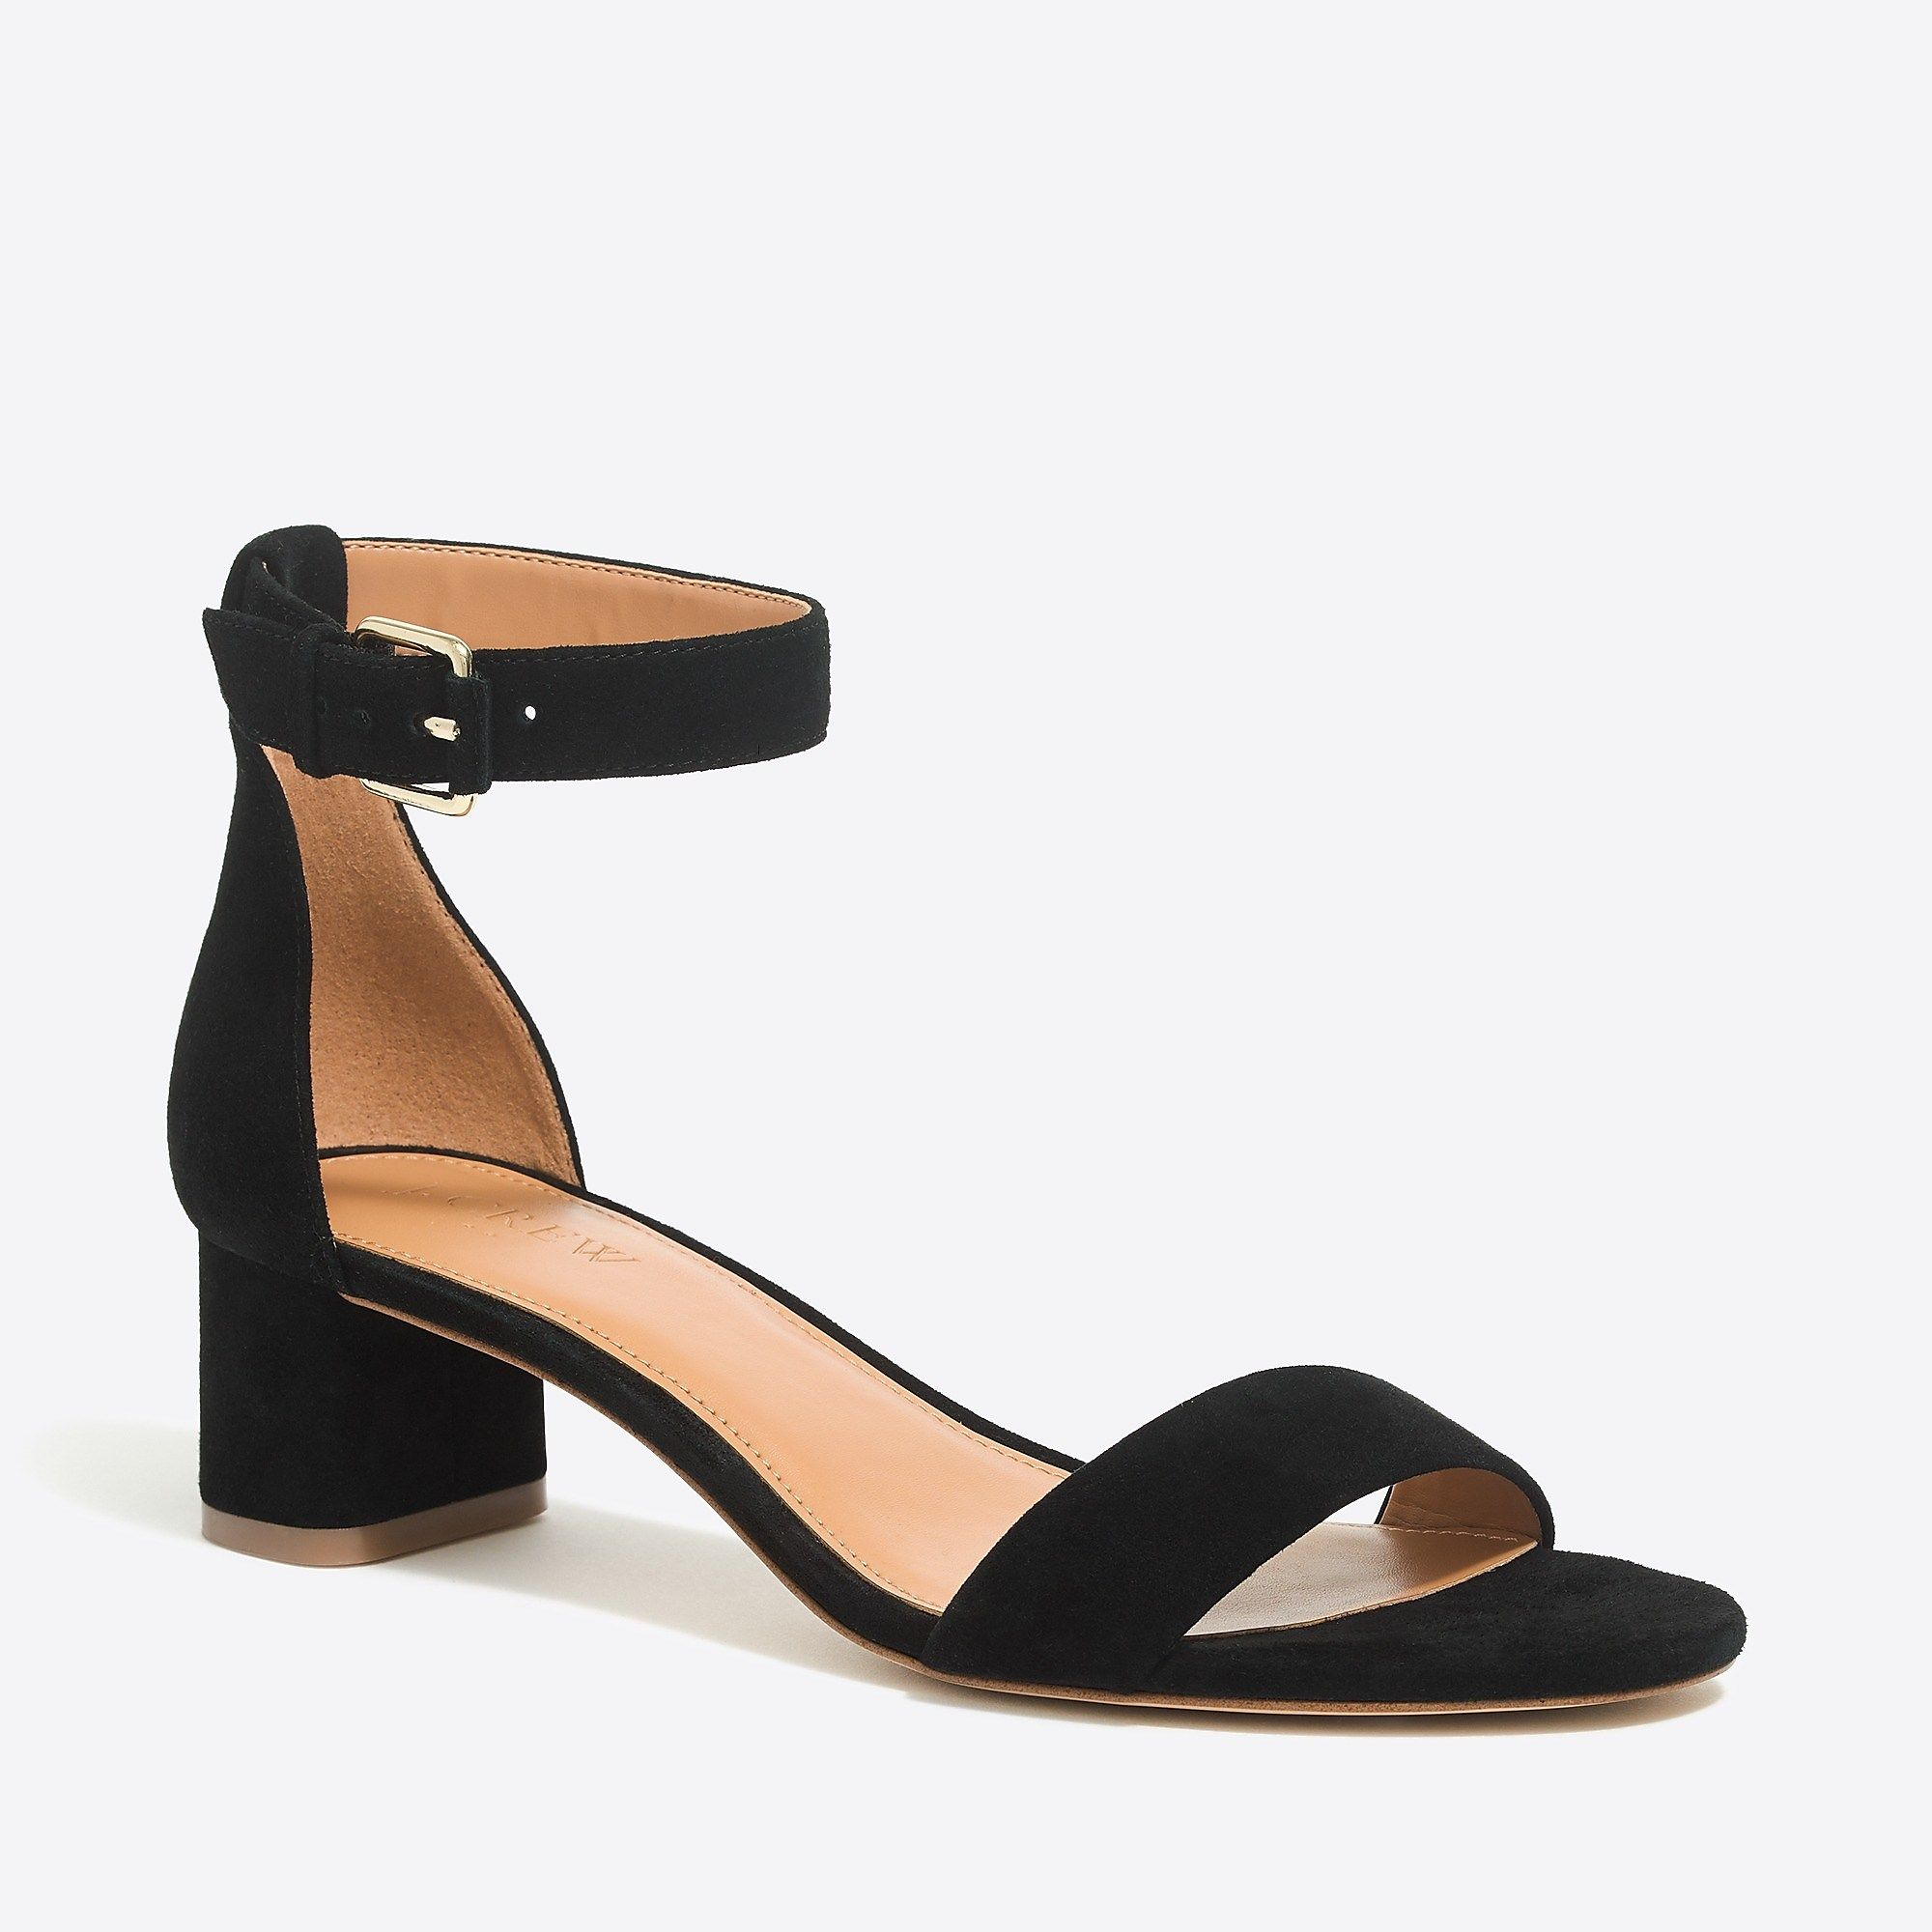 J Crew Suede Block Heel Sandals Suede Block Heels Sandals Heels Fashion Heels